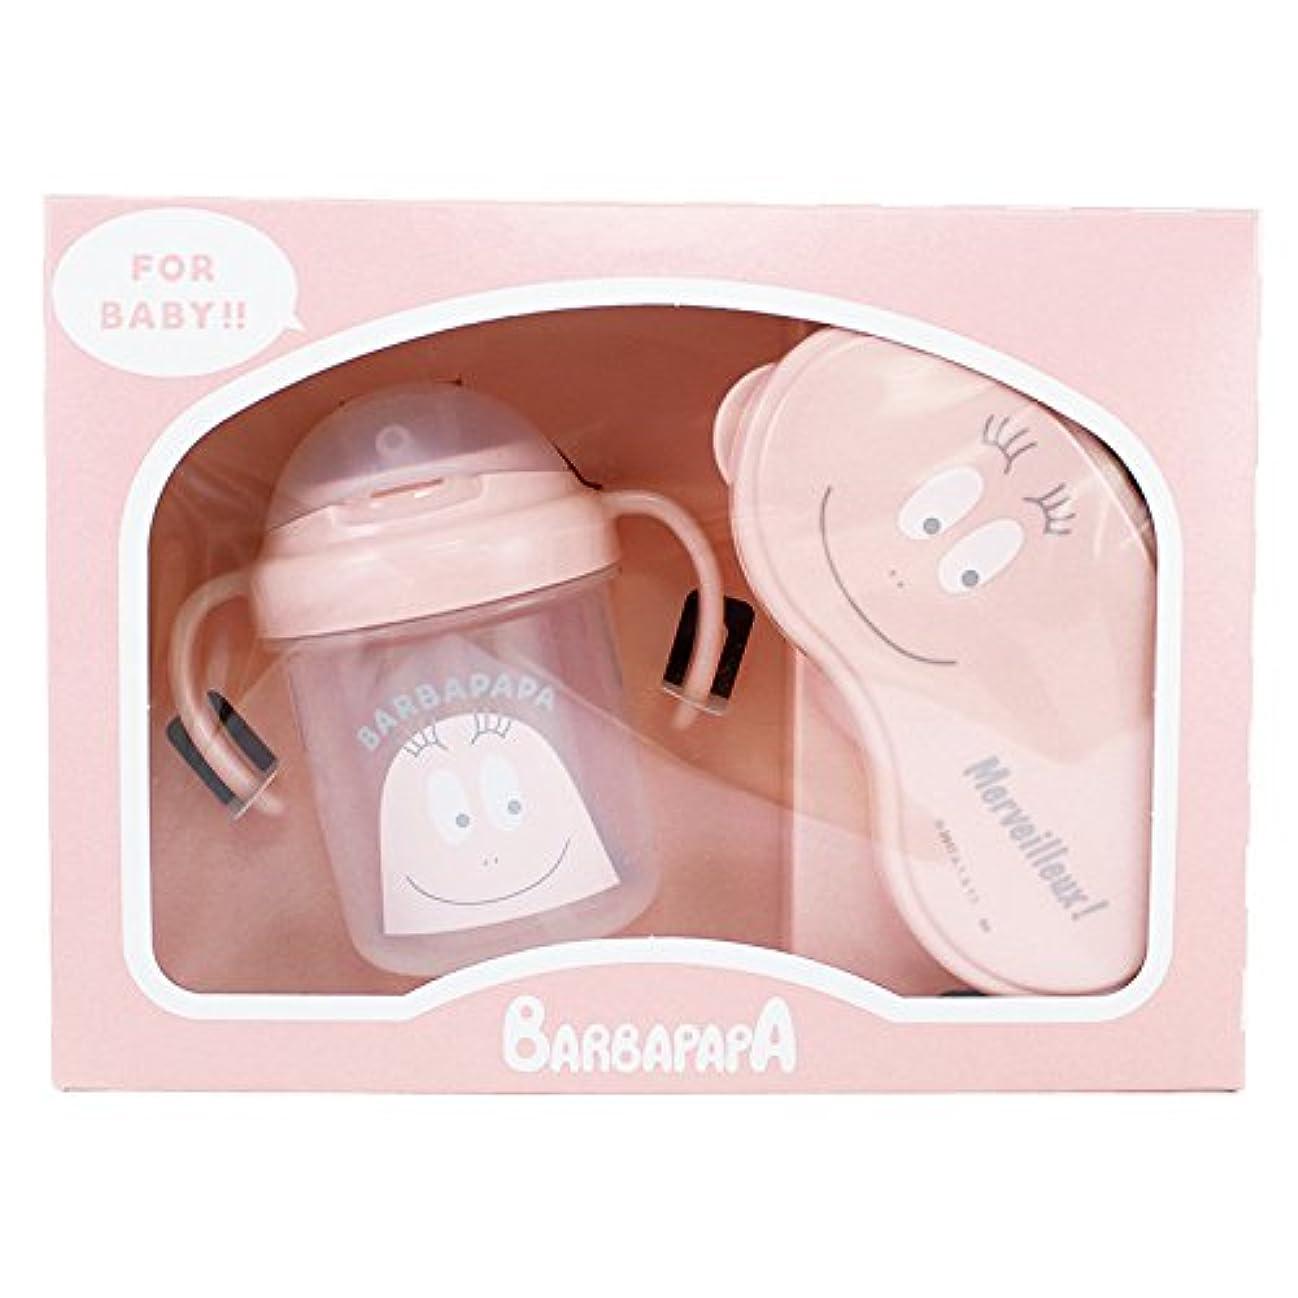 ご予約のぞき穴手紙を書くバーバパパ FOR BABY ベビーギフトセット BARBAPAPA BPU-62002 可愛い 赤ちゃん 出産祝い プレゼントピンク